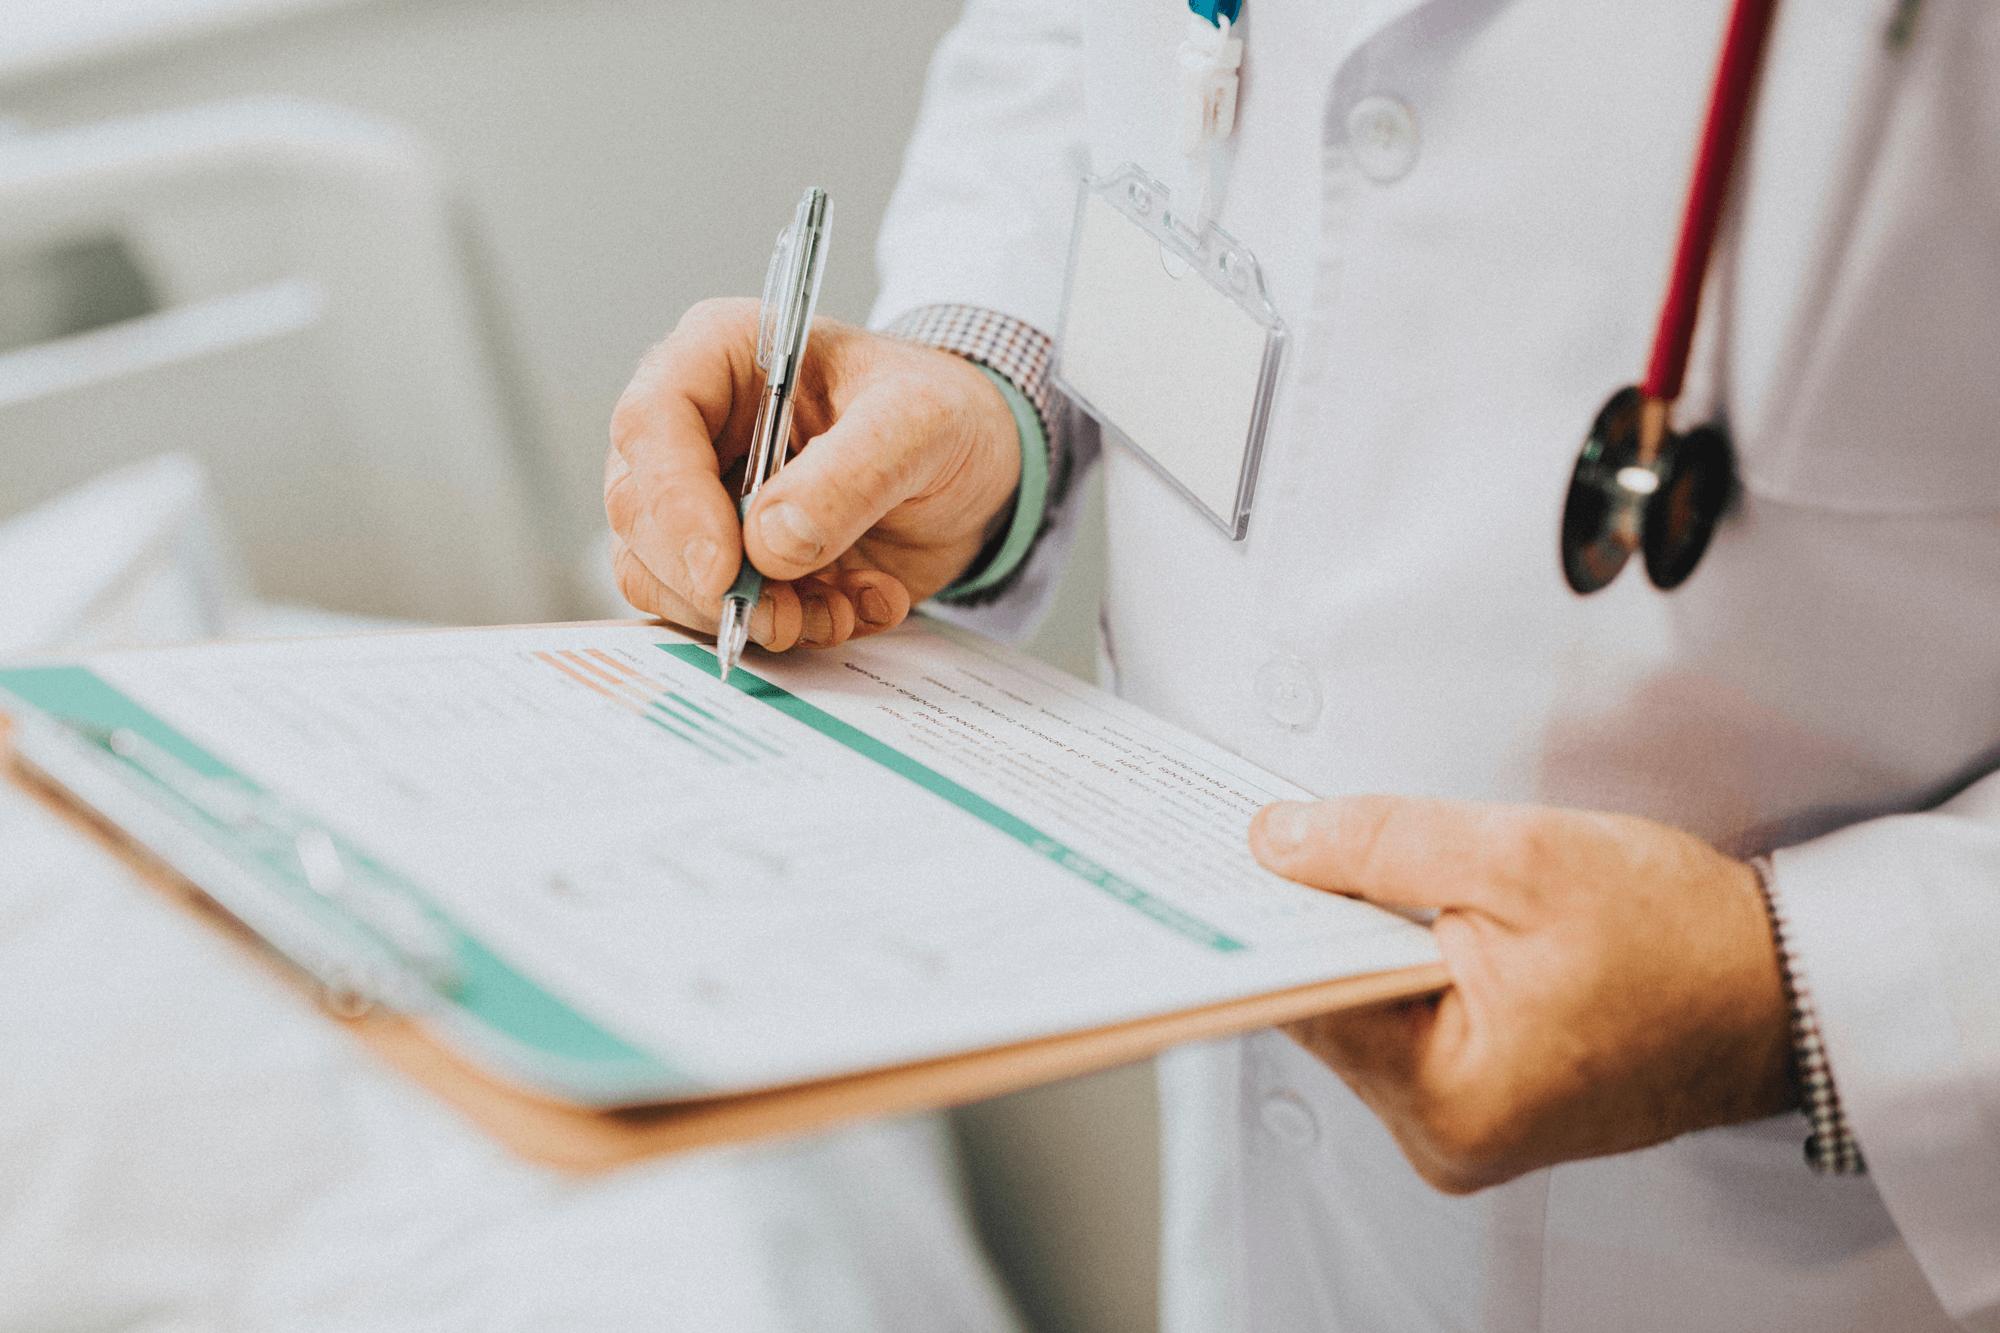 Zorgsector | Gezondheidszorg | Care & Cure | Zorgbranche